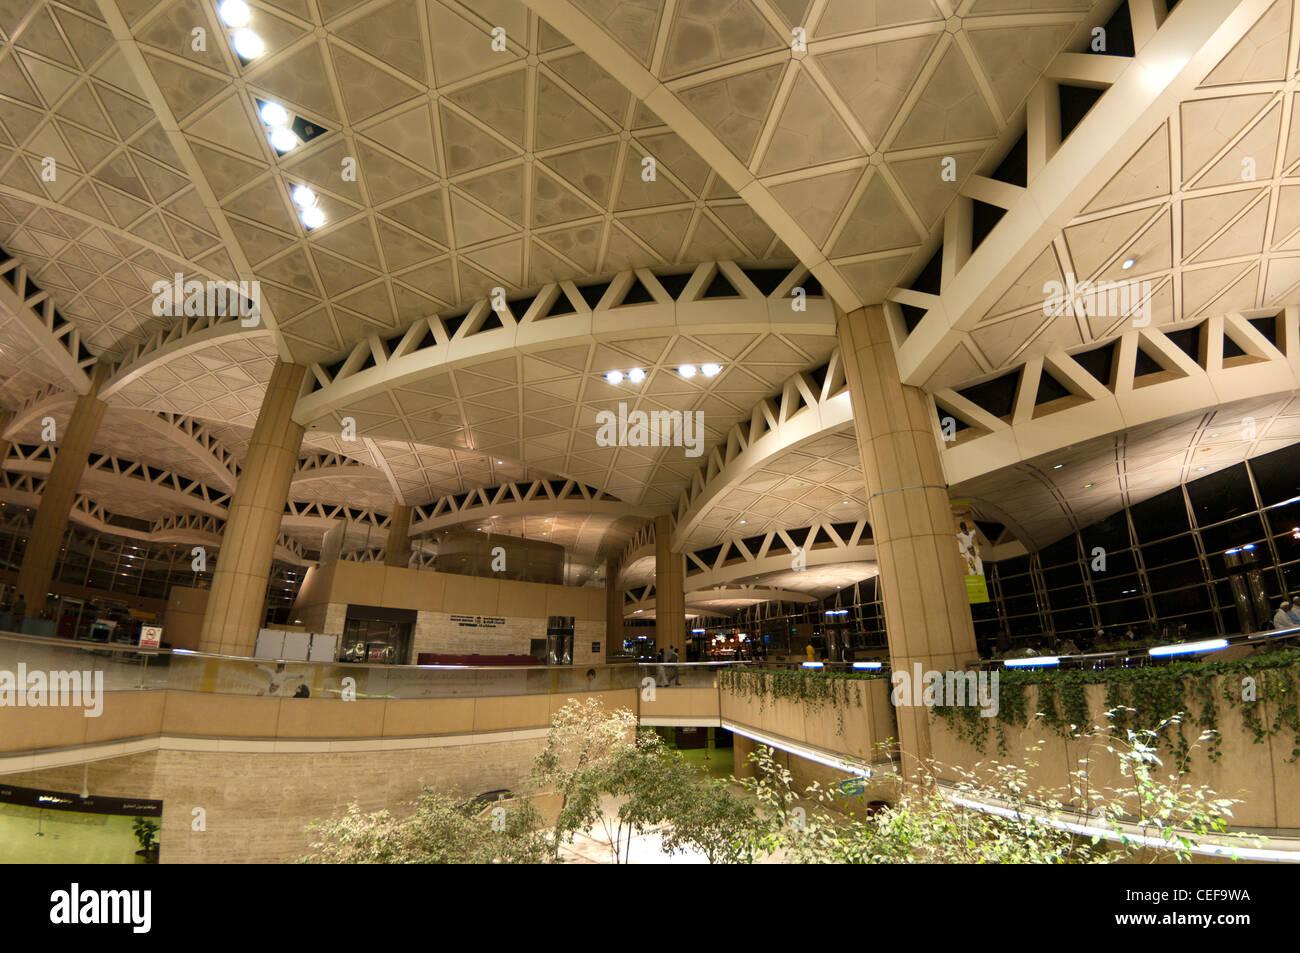 Aeroporto di Riyadh in Arabia Saudita, Immagini Stock